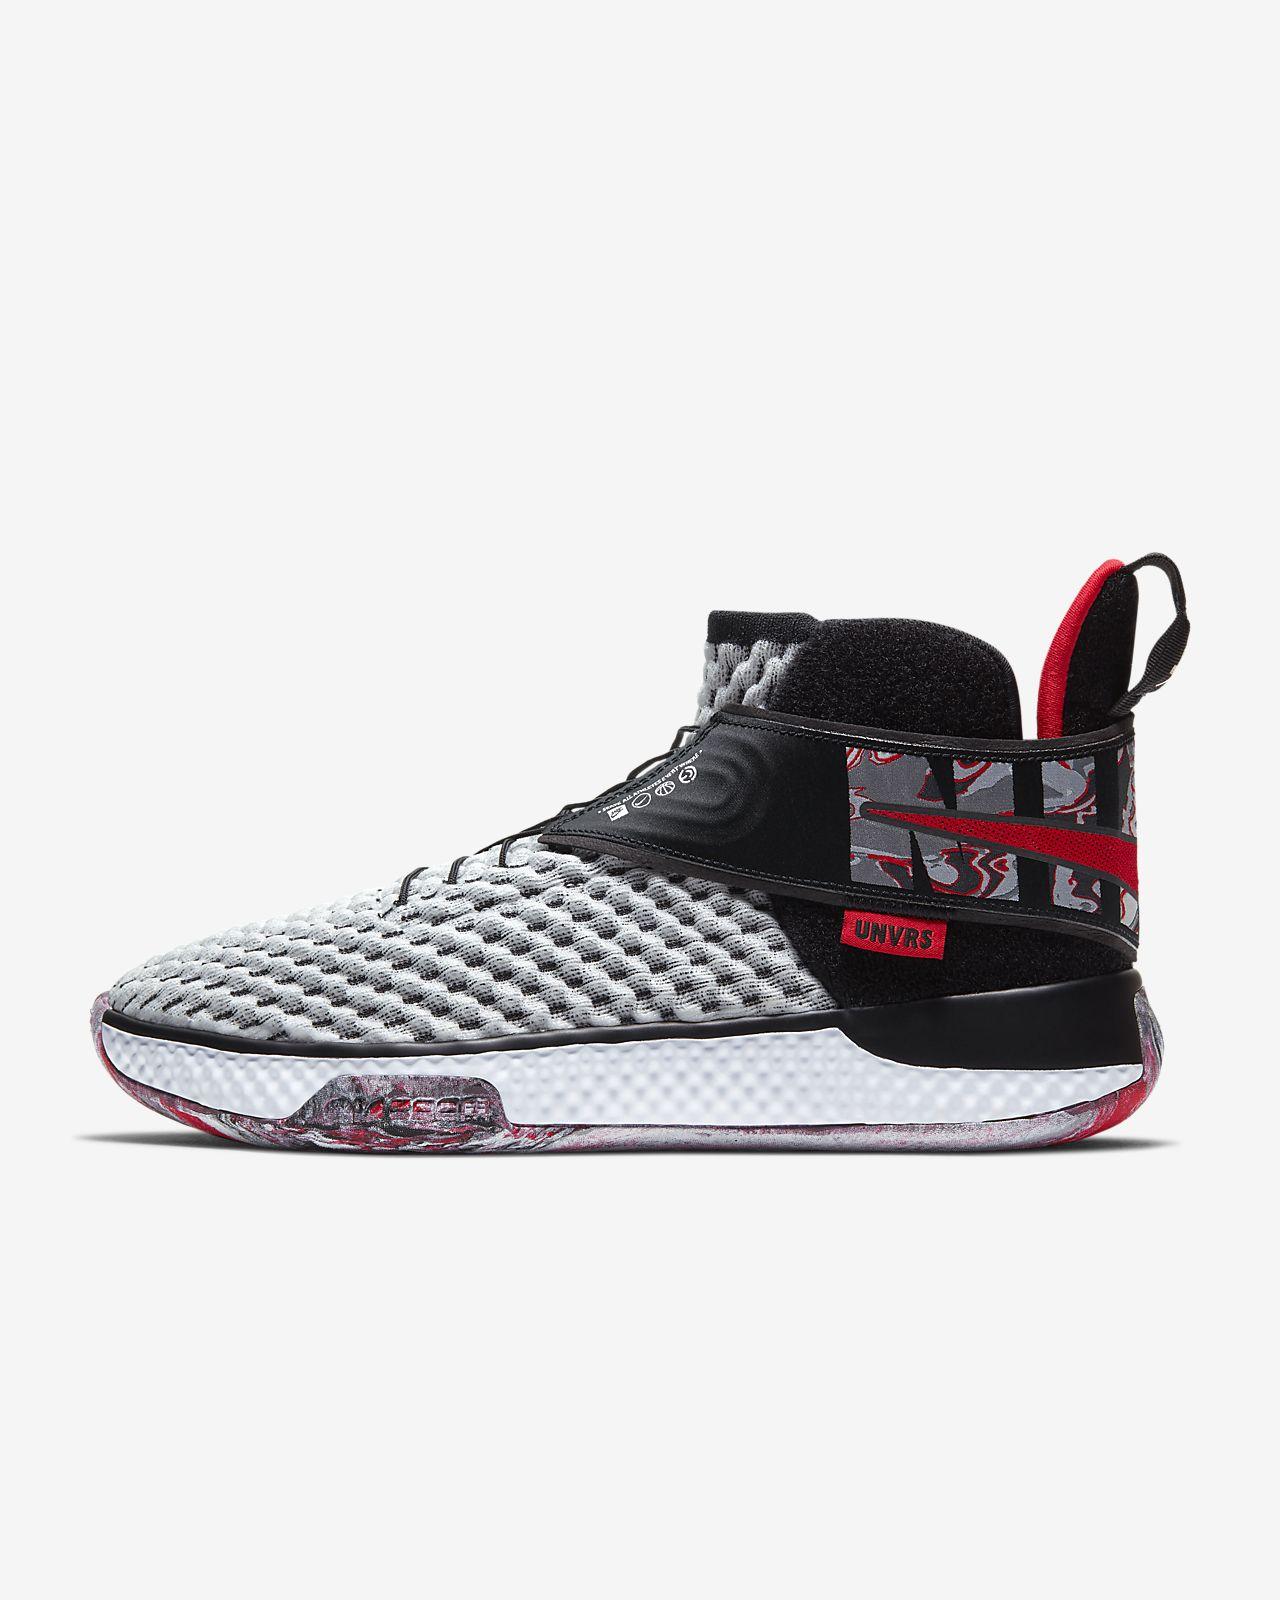 Sapatilhas de basquetebol Nike Air Zoom UNVRS FlyEase